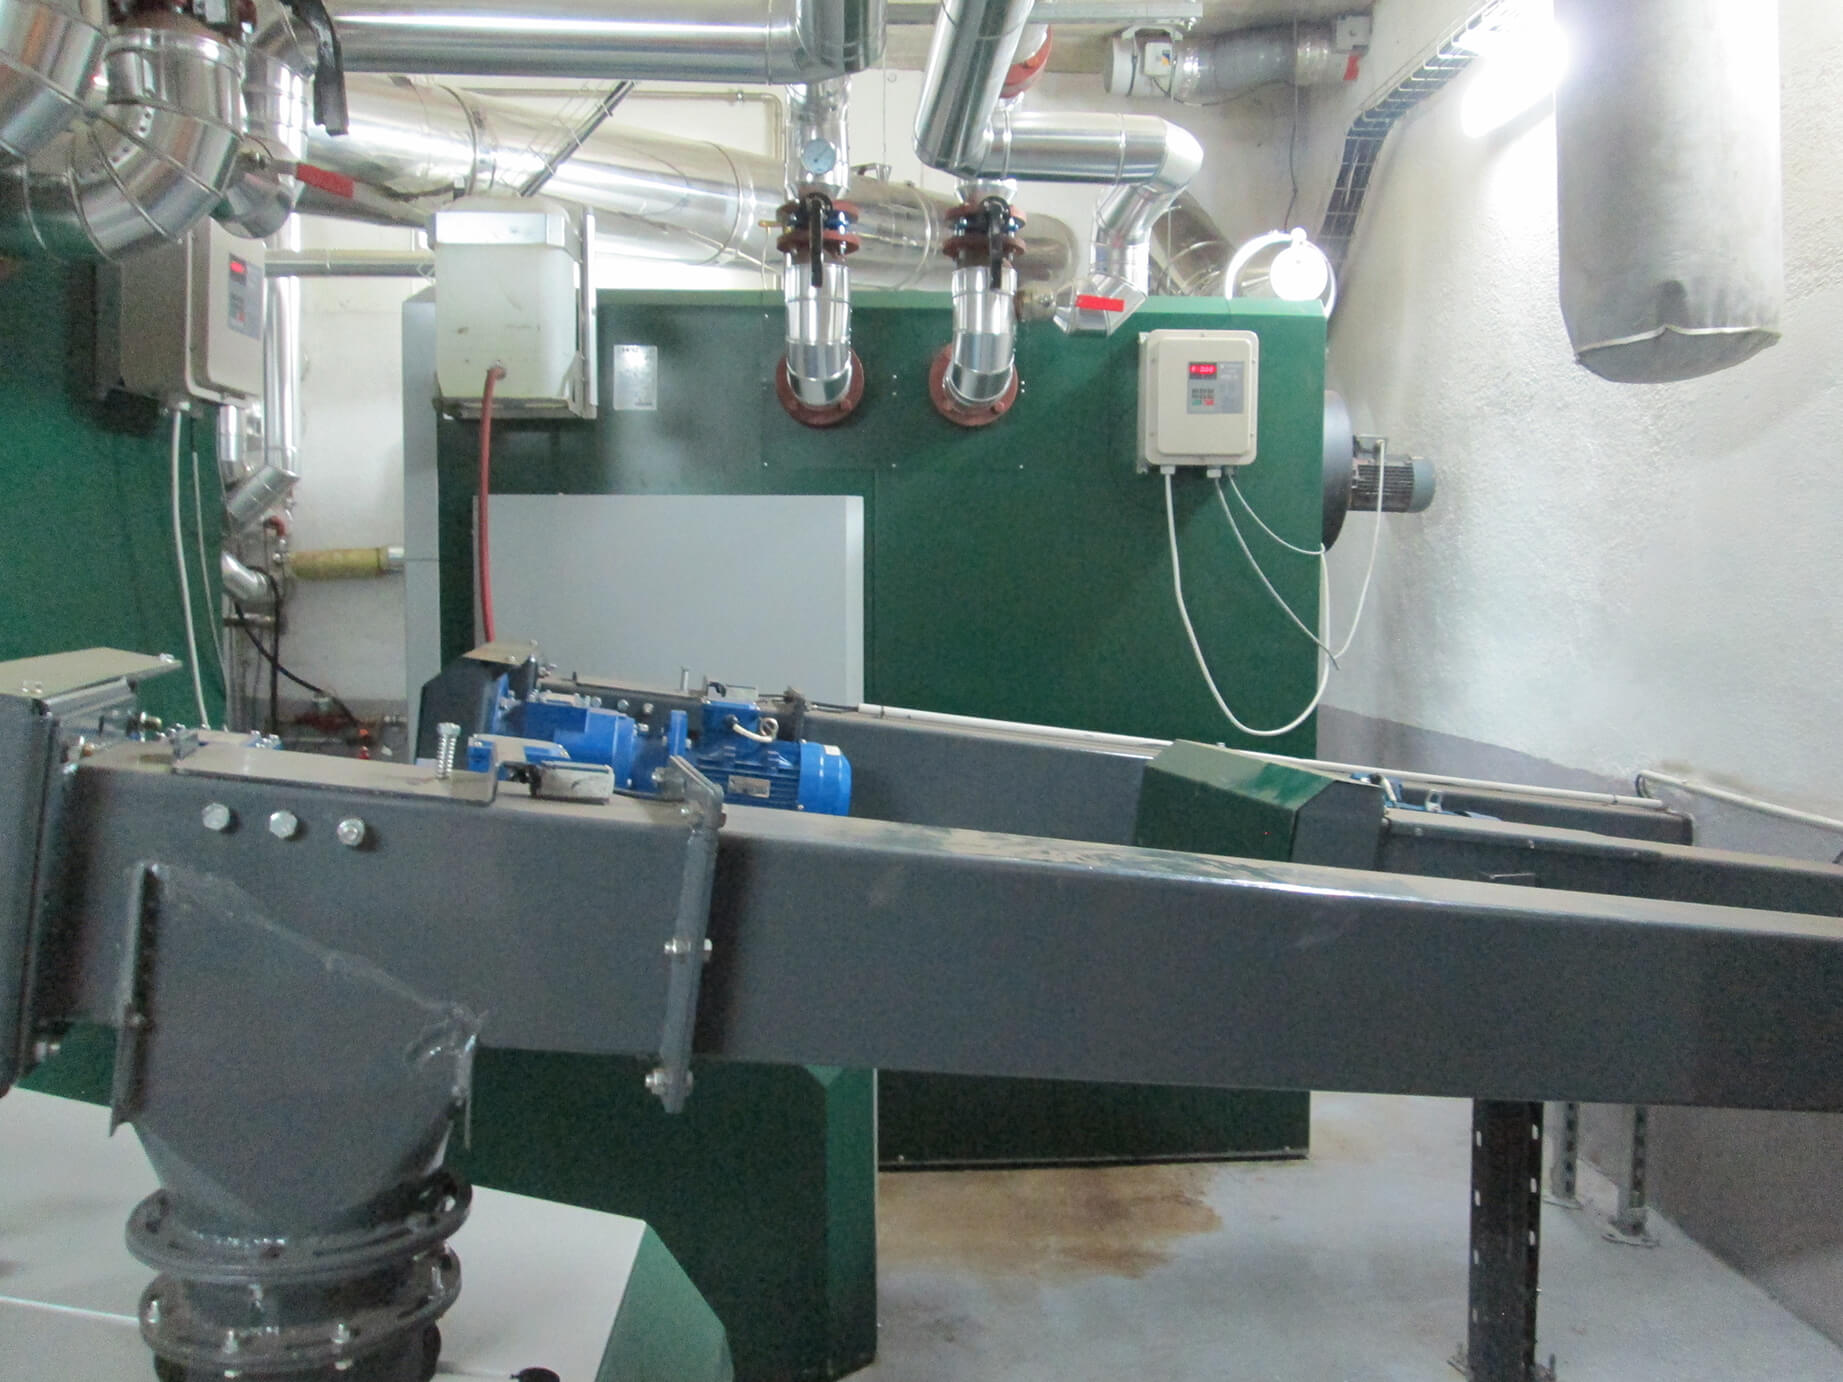 Sala de calderas de biomasa en comunidad de Padre Piquer.